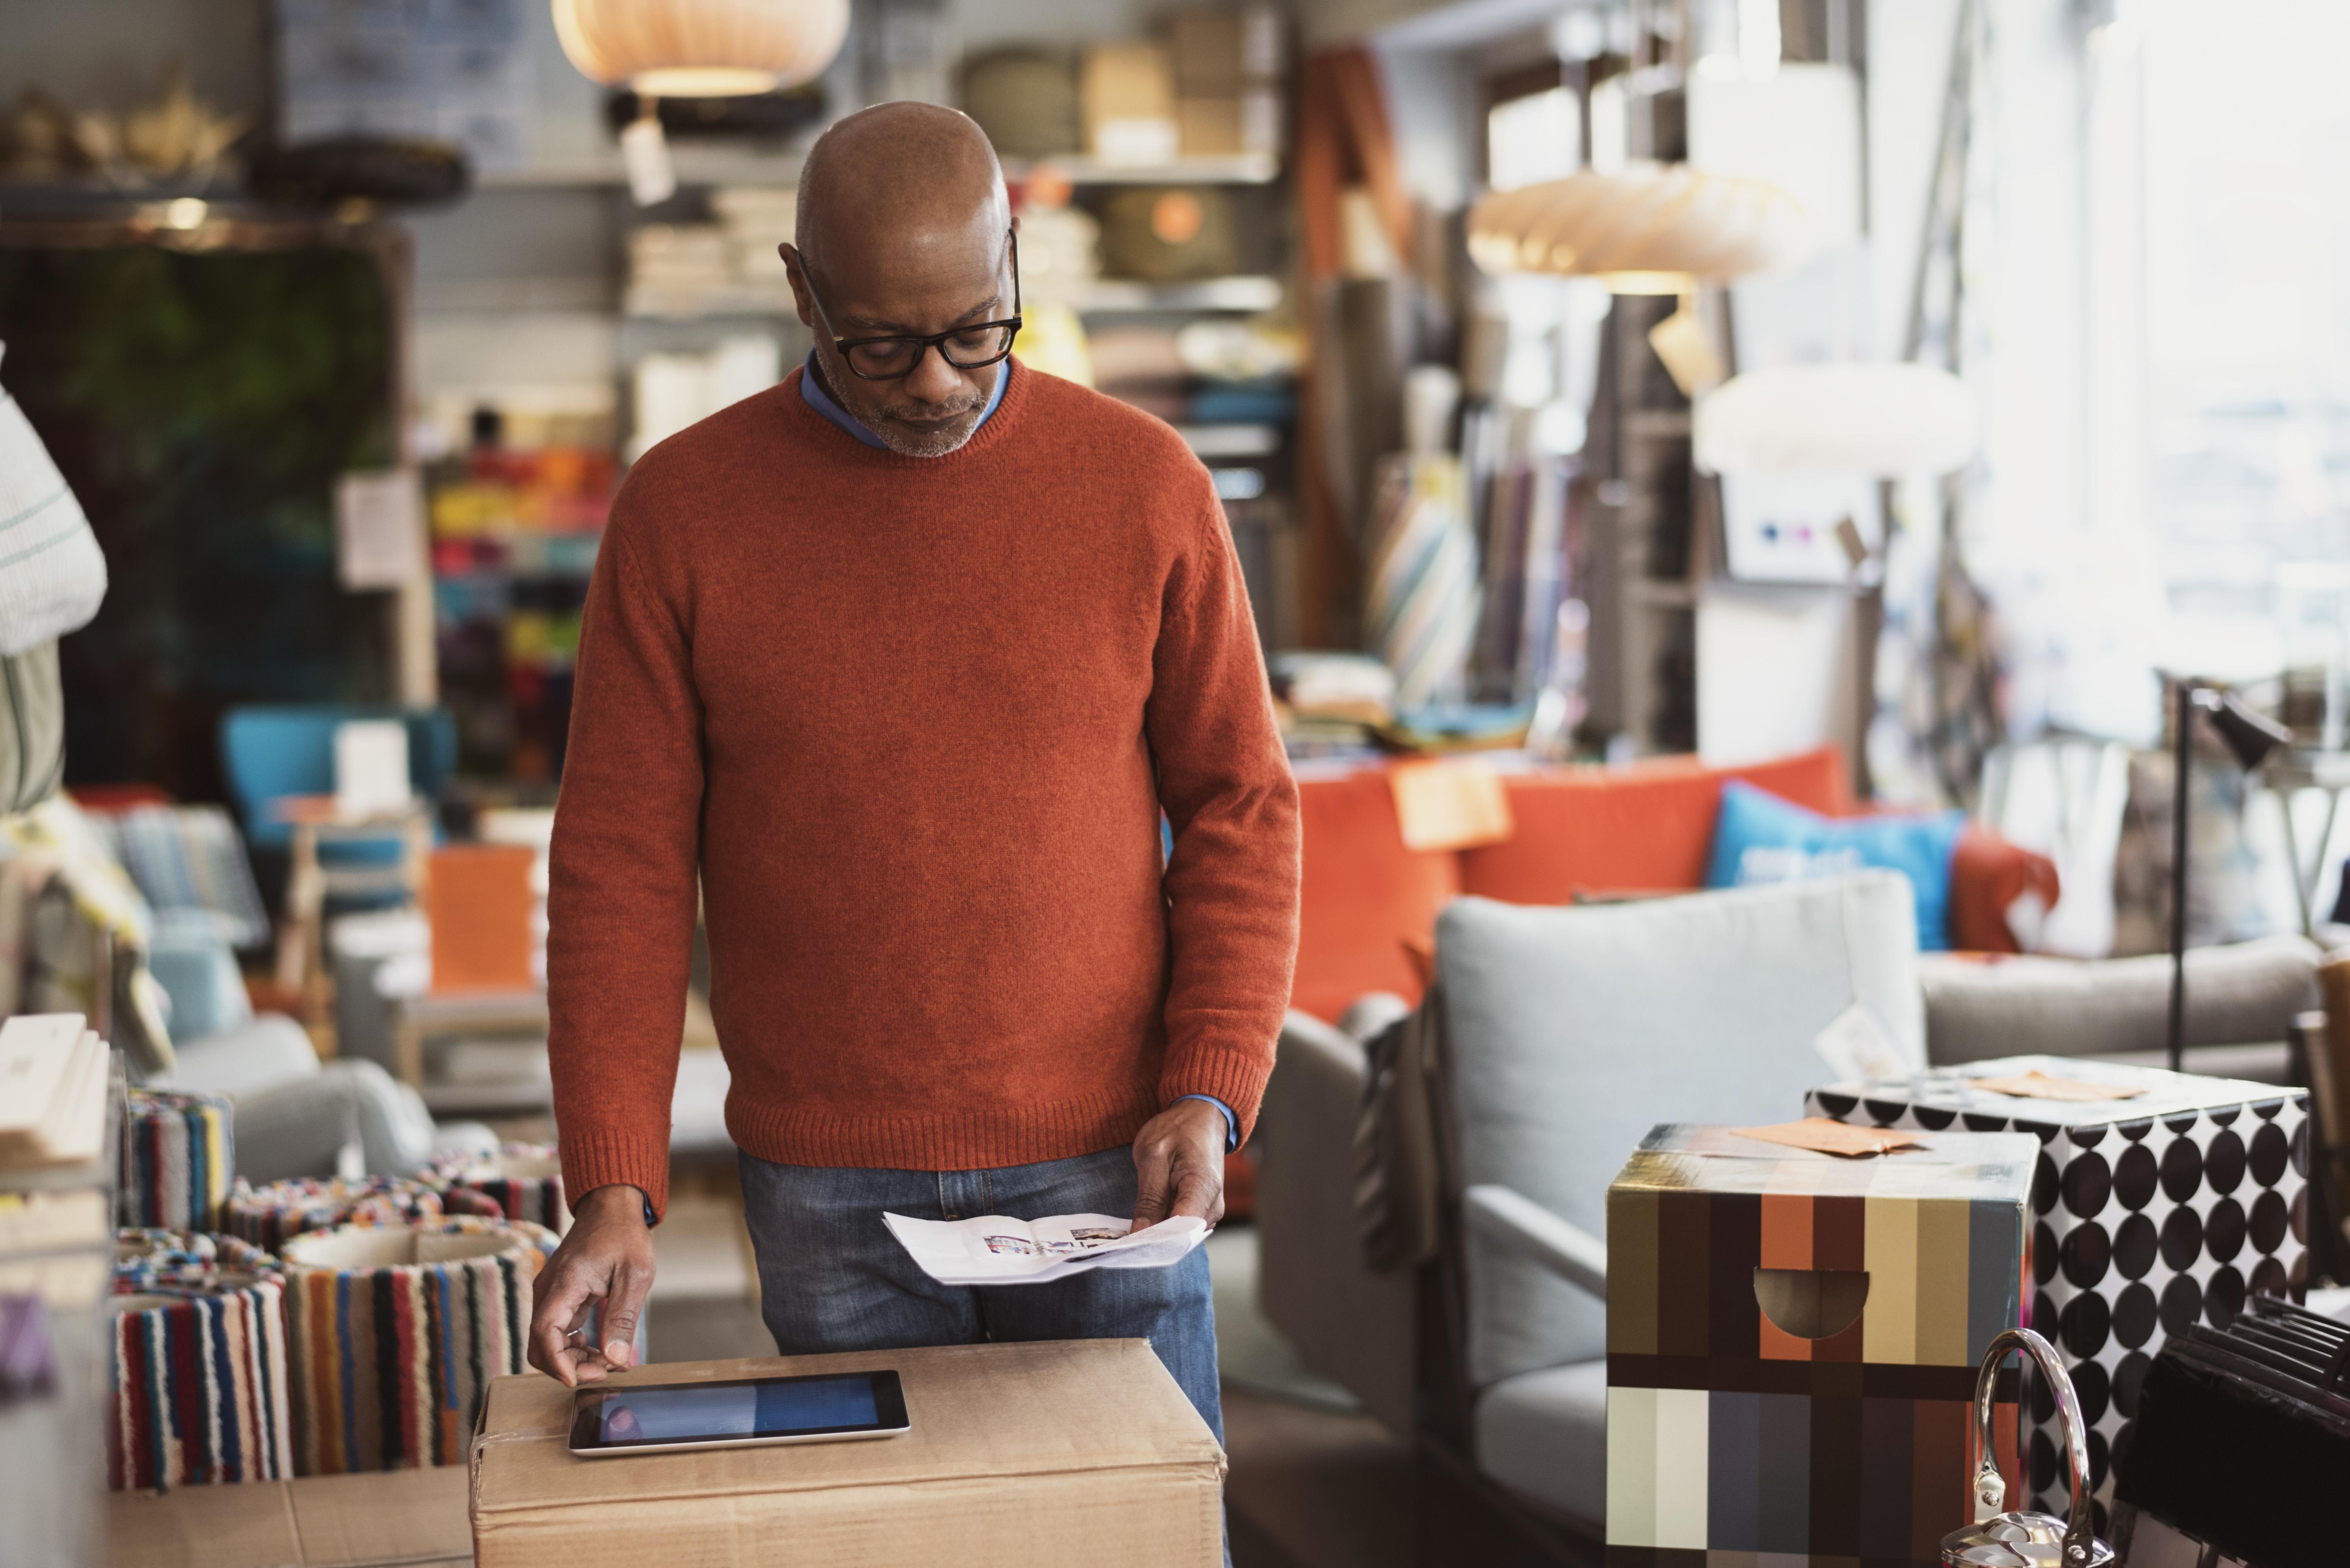 Logistics Executive Job Description   Career Trend